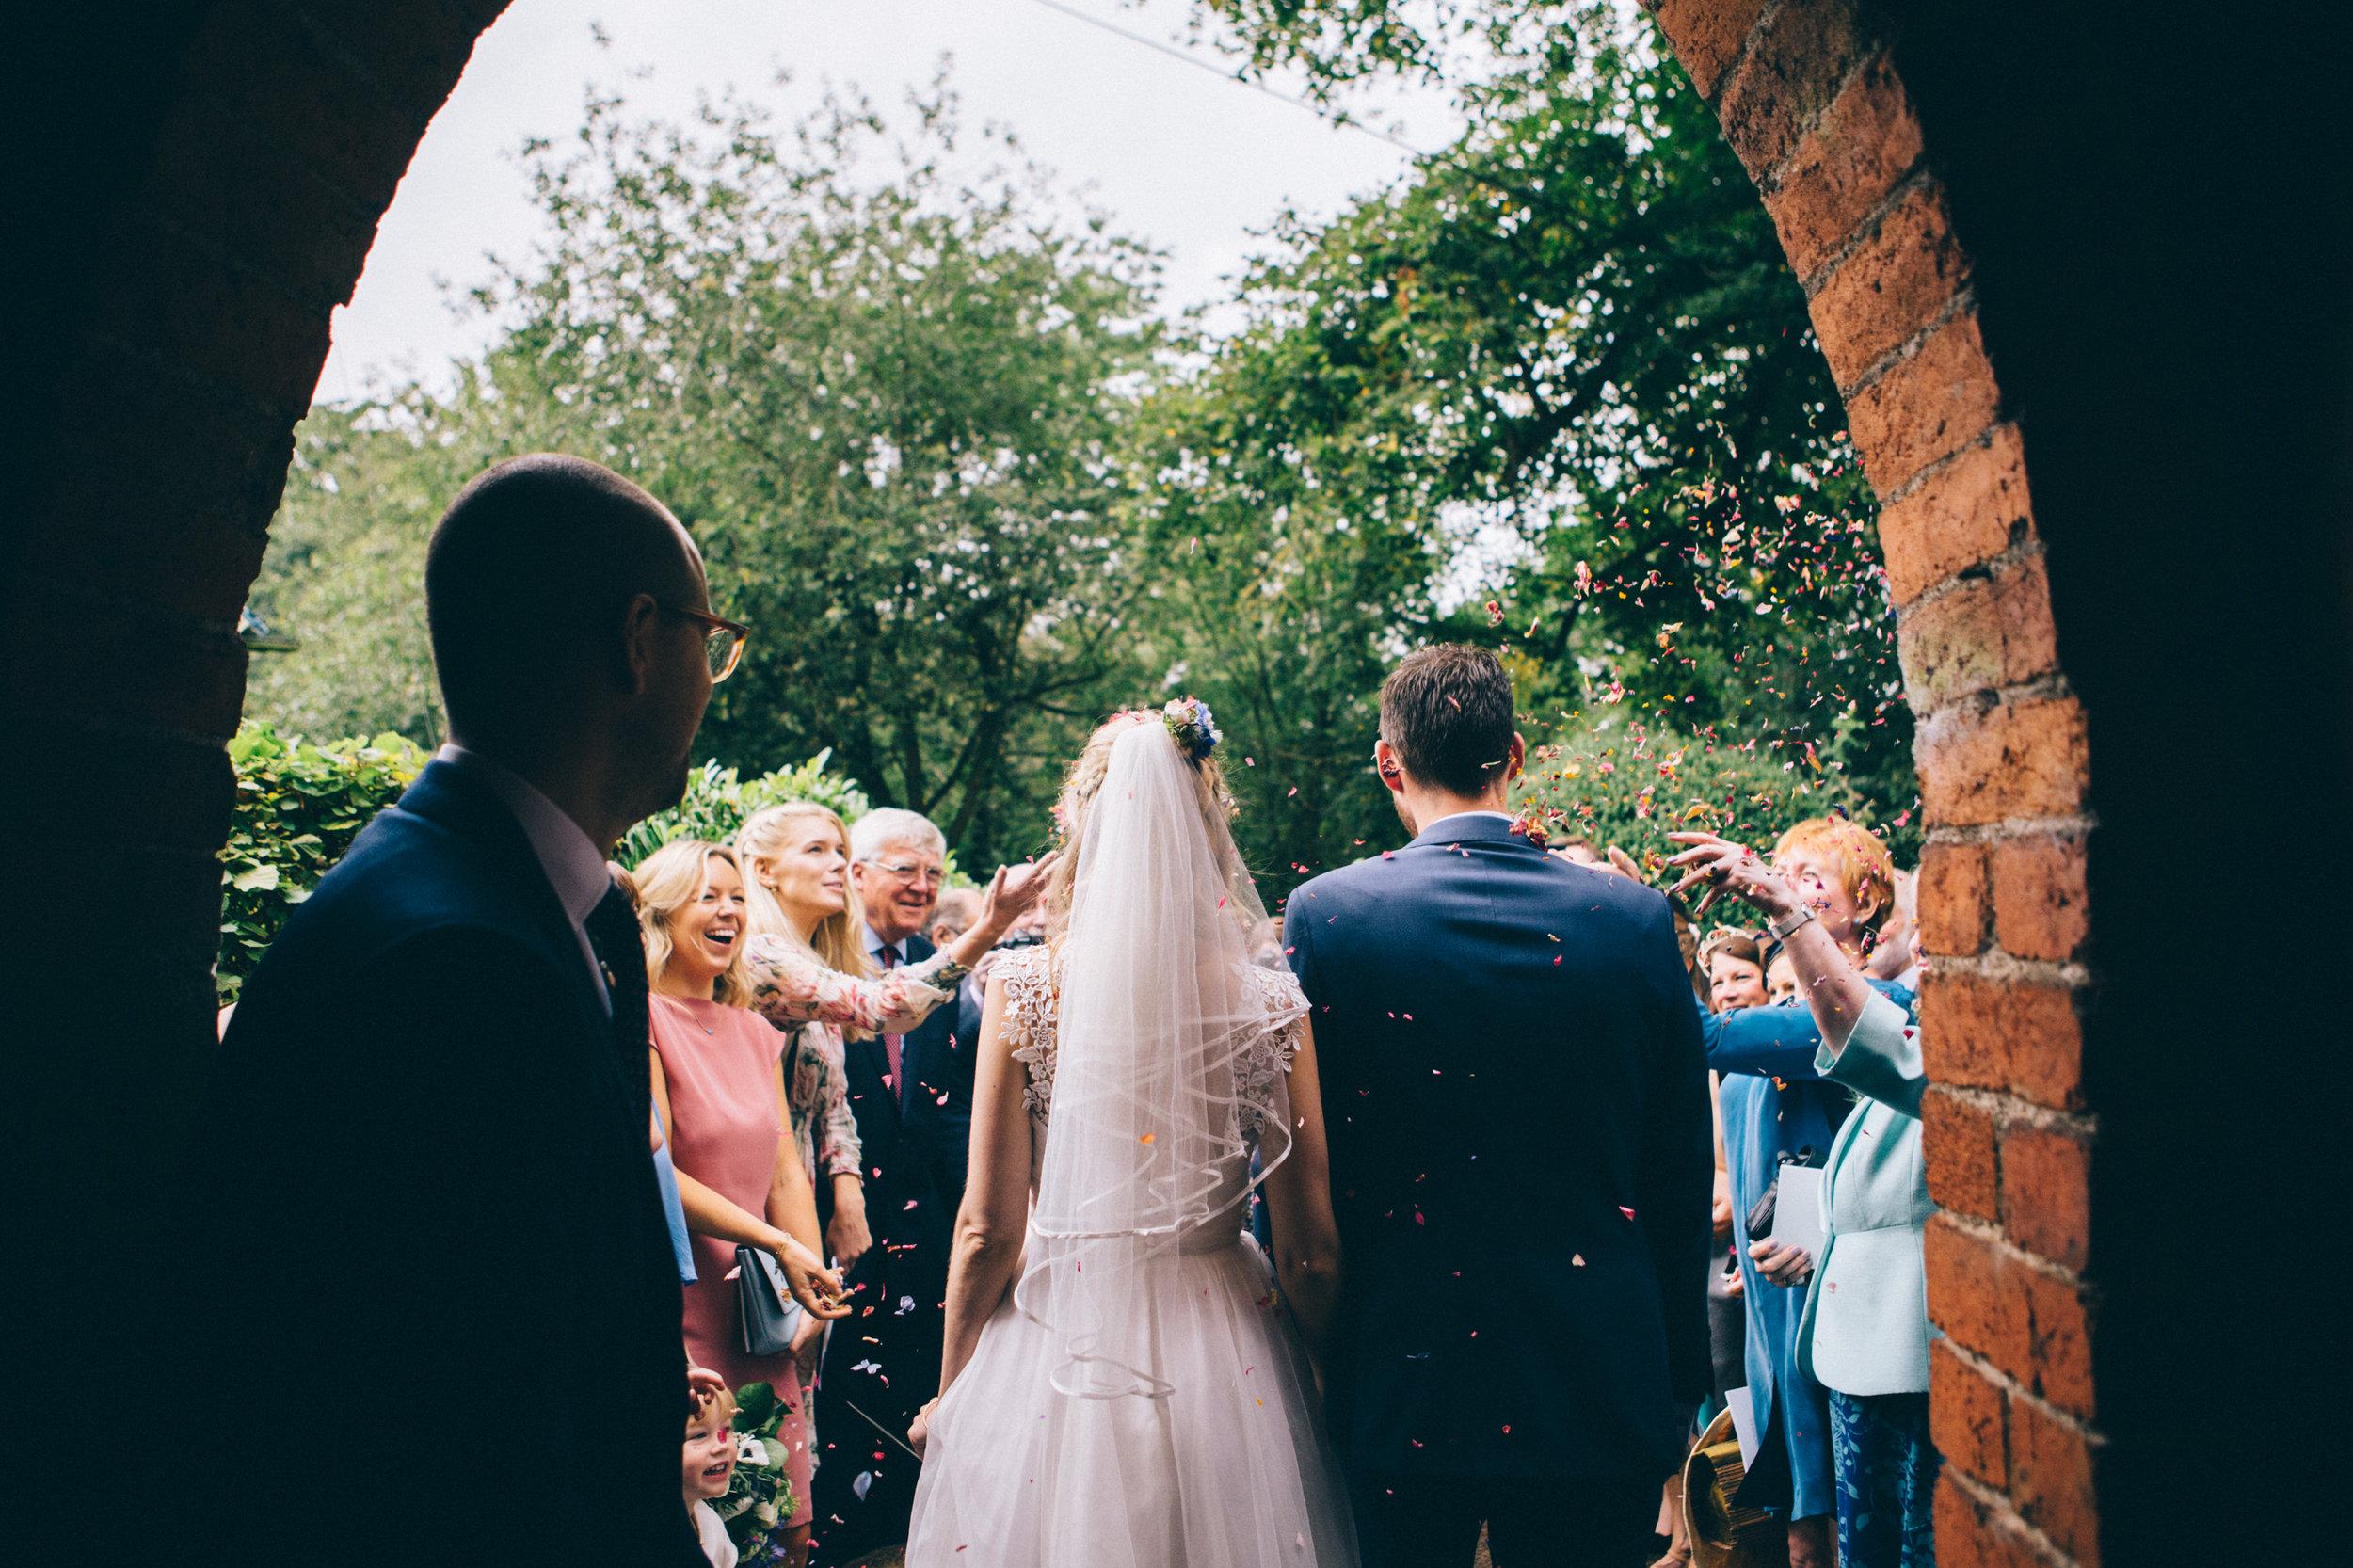 uk wedding photographer artistic wedding photography-71.jpg